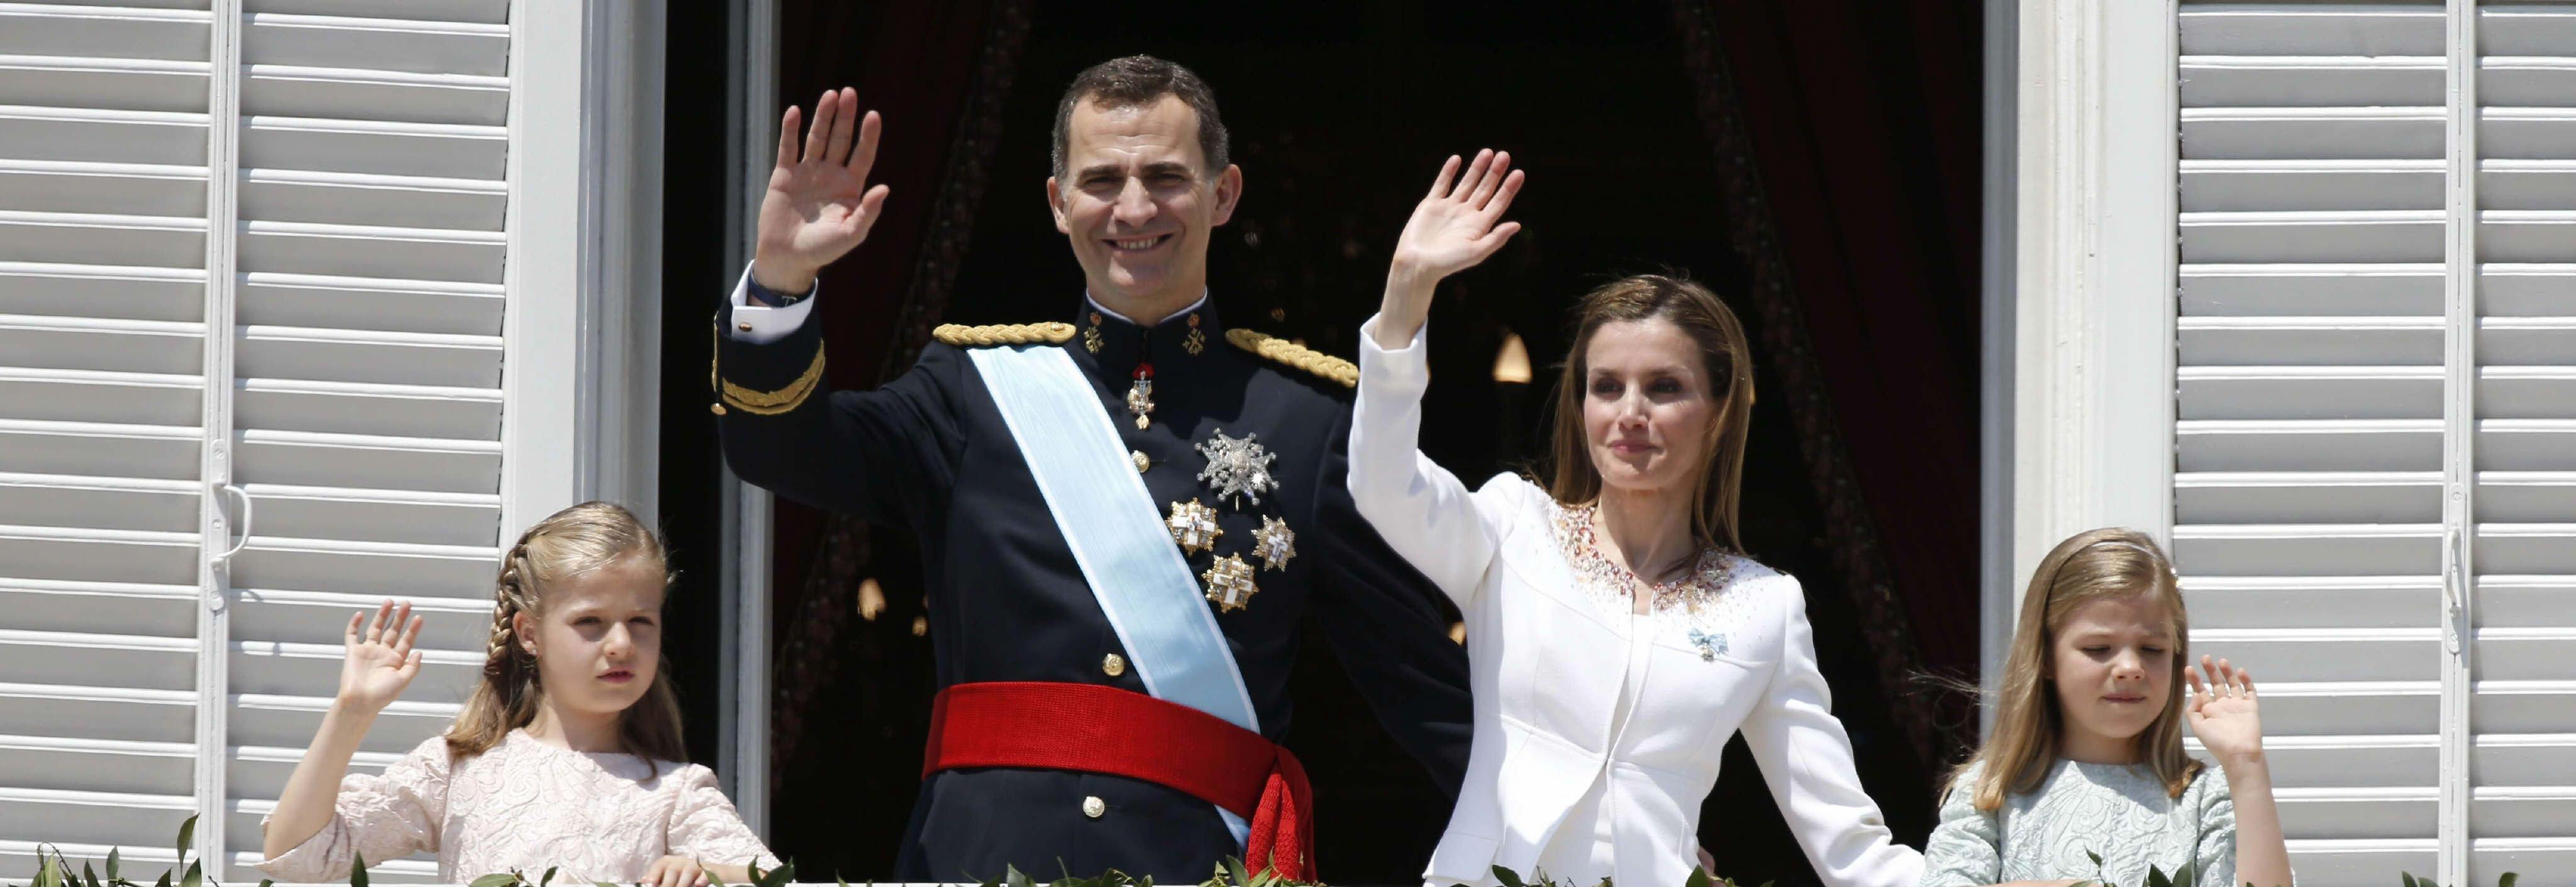 El gobierno separatista de Navarra excluye los Reyes de los premios Príncipe de Viana